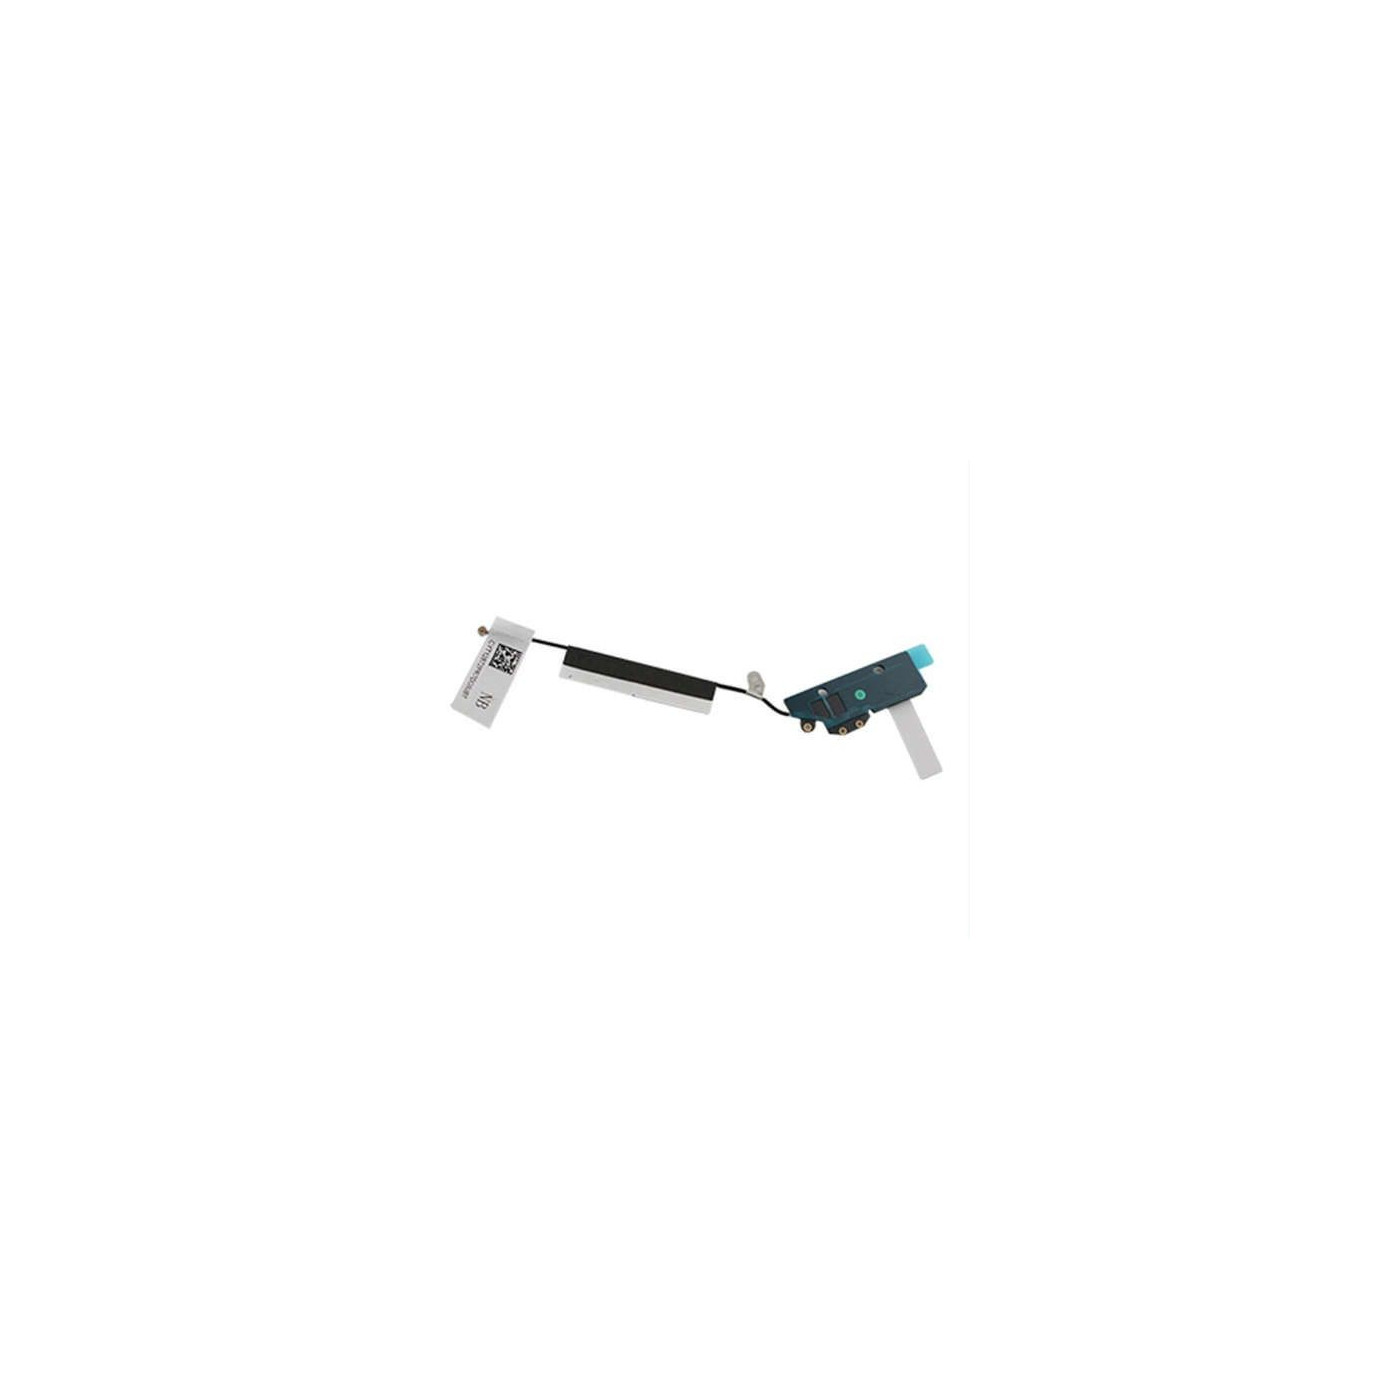 Antenne wifi Bluetooth pour le remplacement du câble flexible ipad apple 2